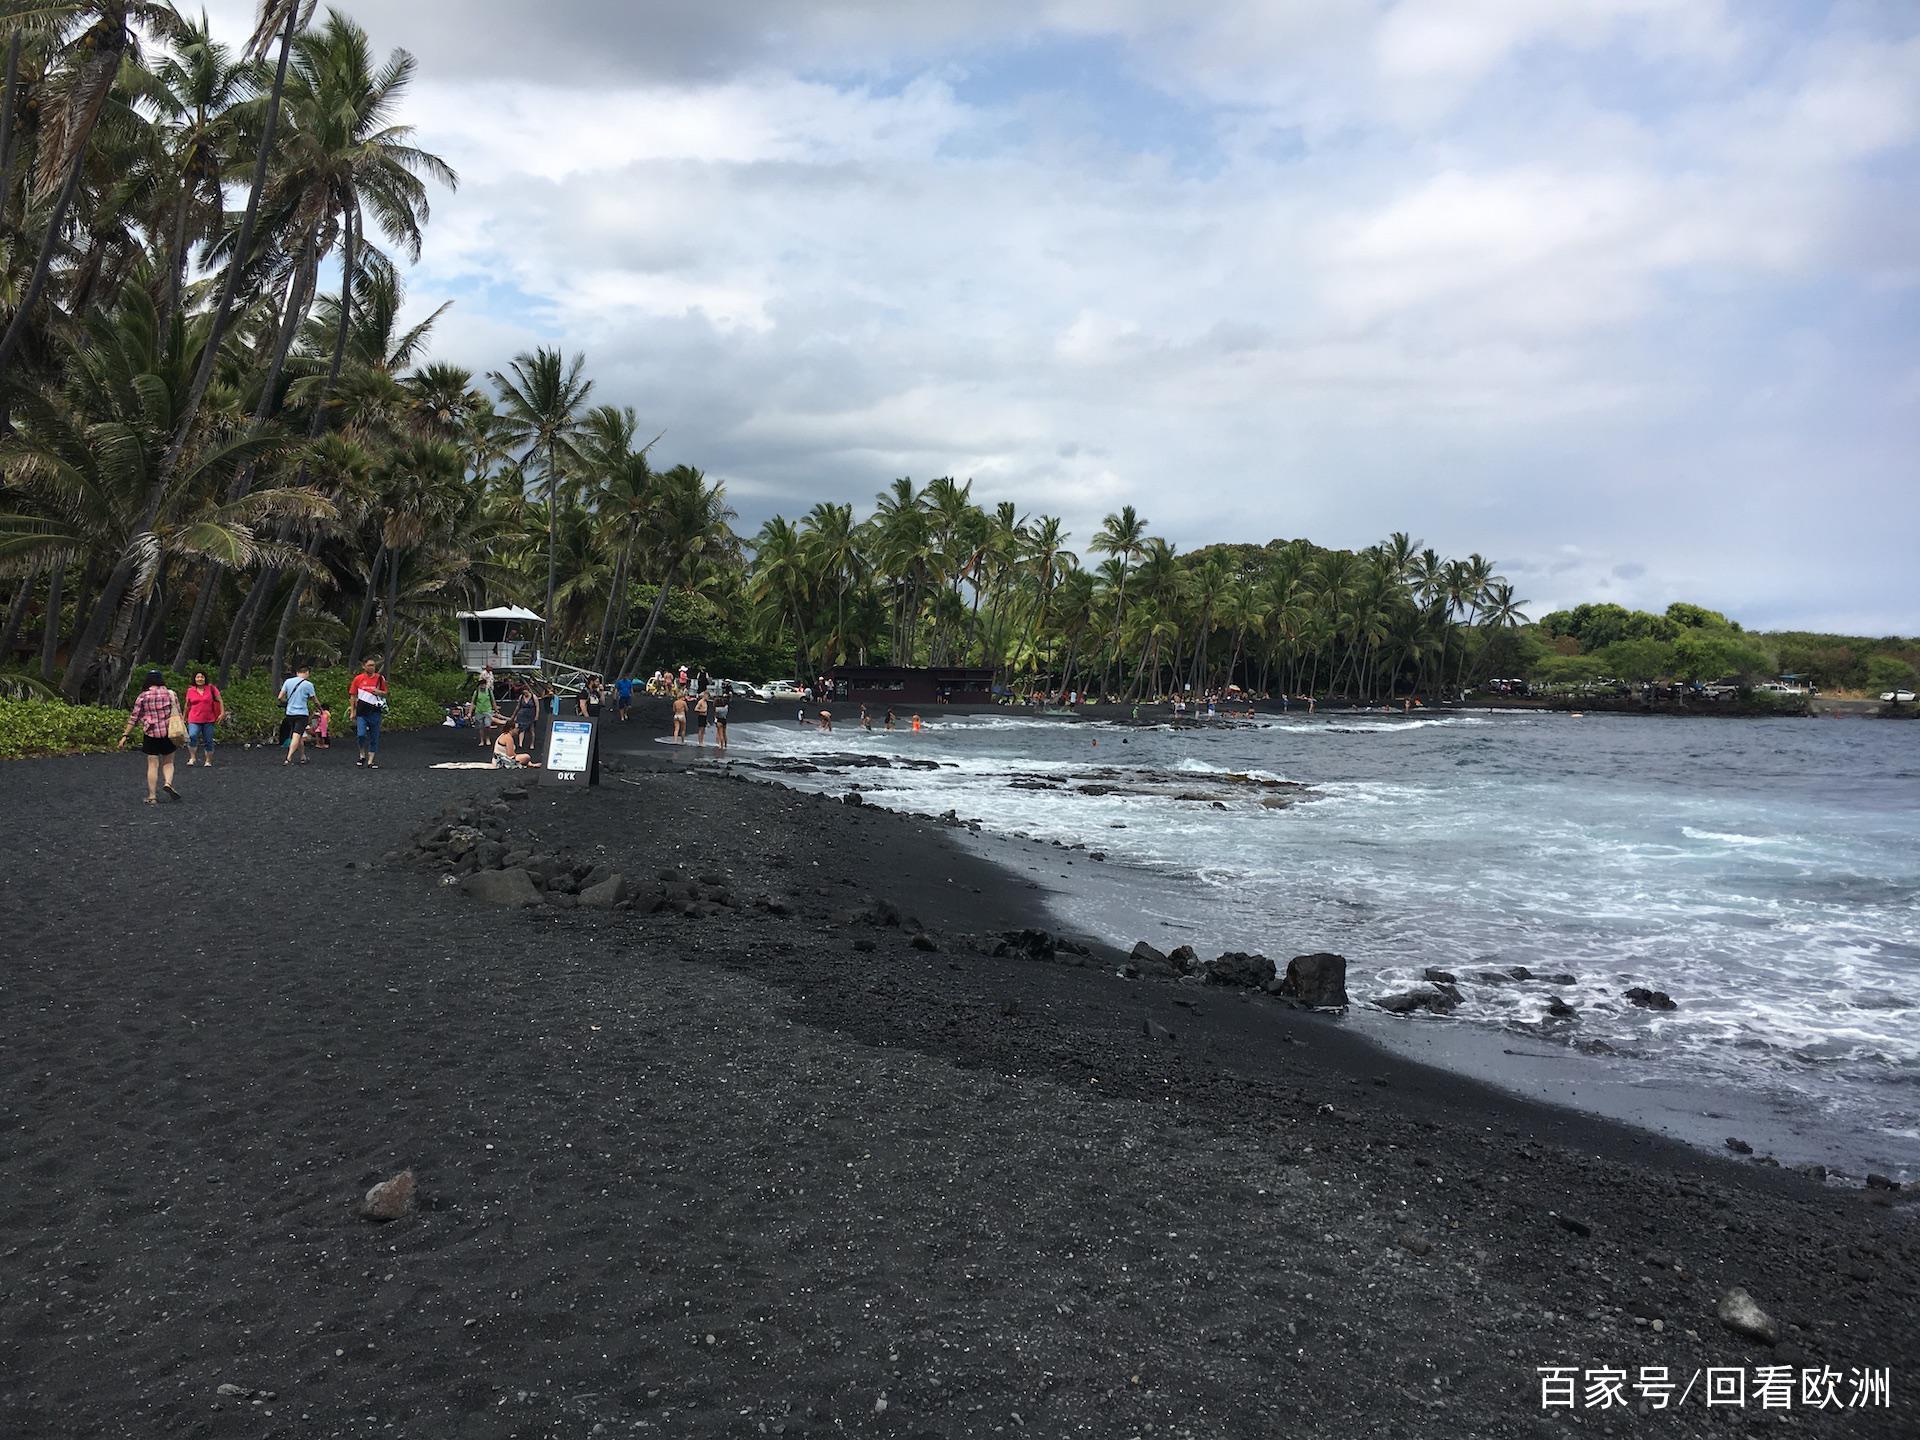 夏威夷——全世界最值得一去的火山公园